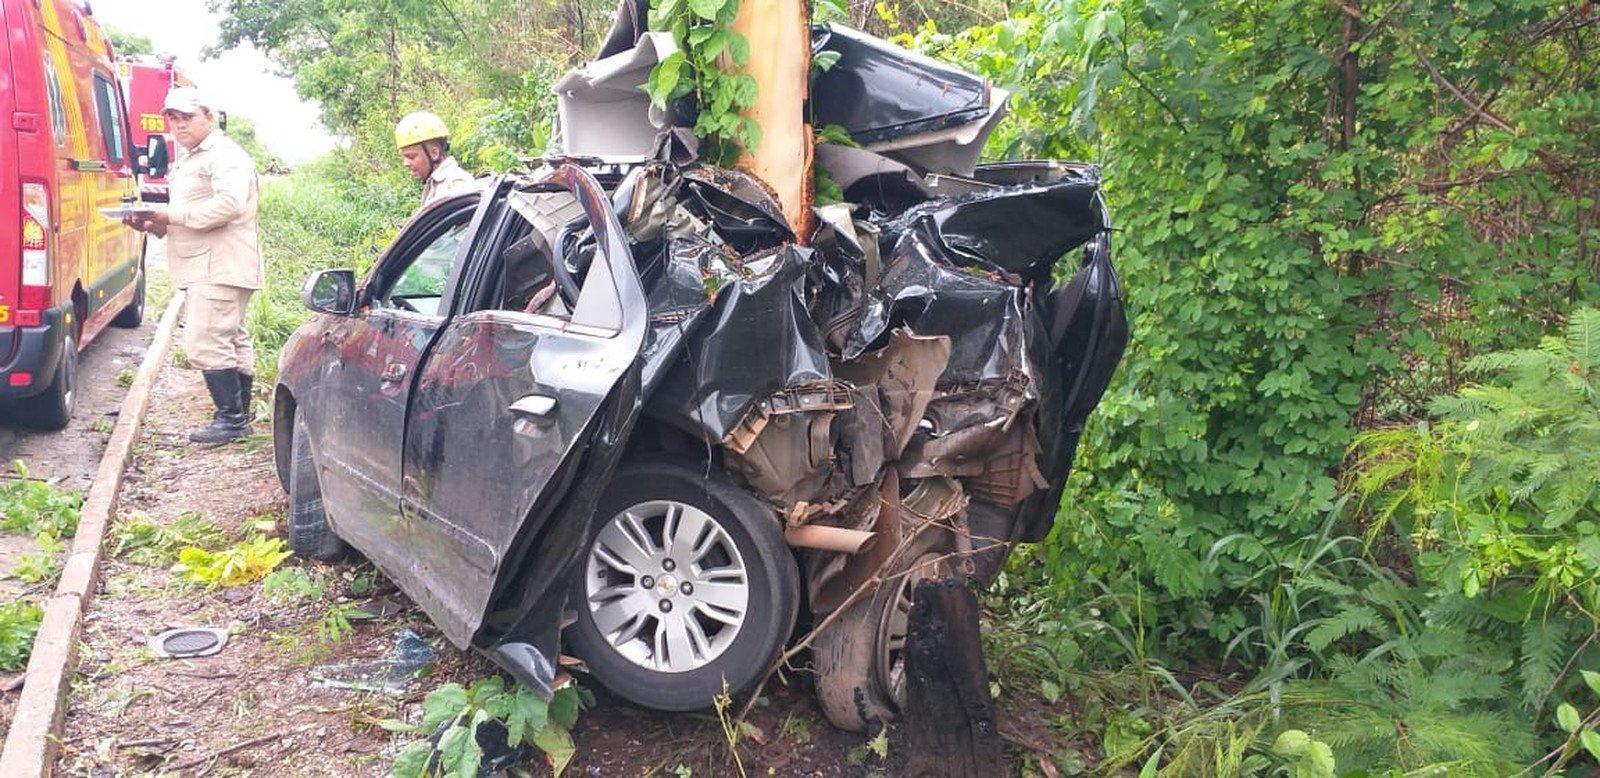 Feriado prolongado tem 23 acidentes com 2 mortes nas rodovias federais em MT